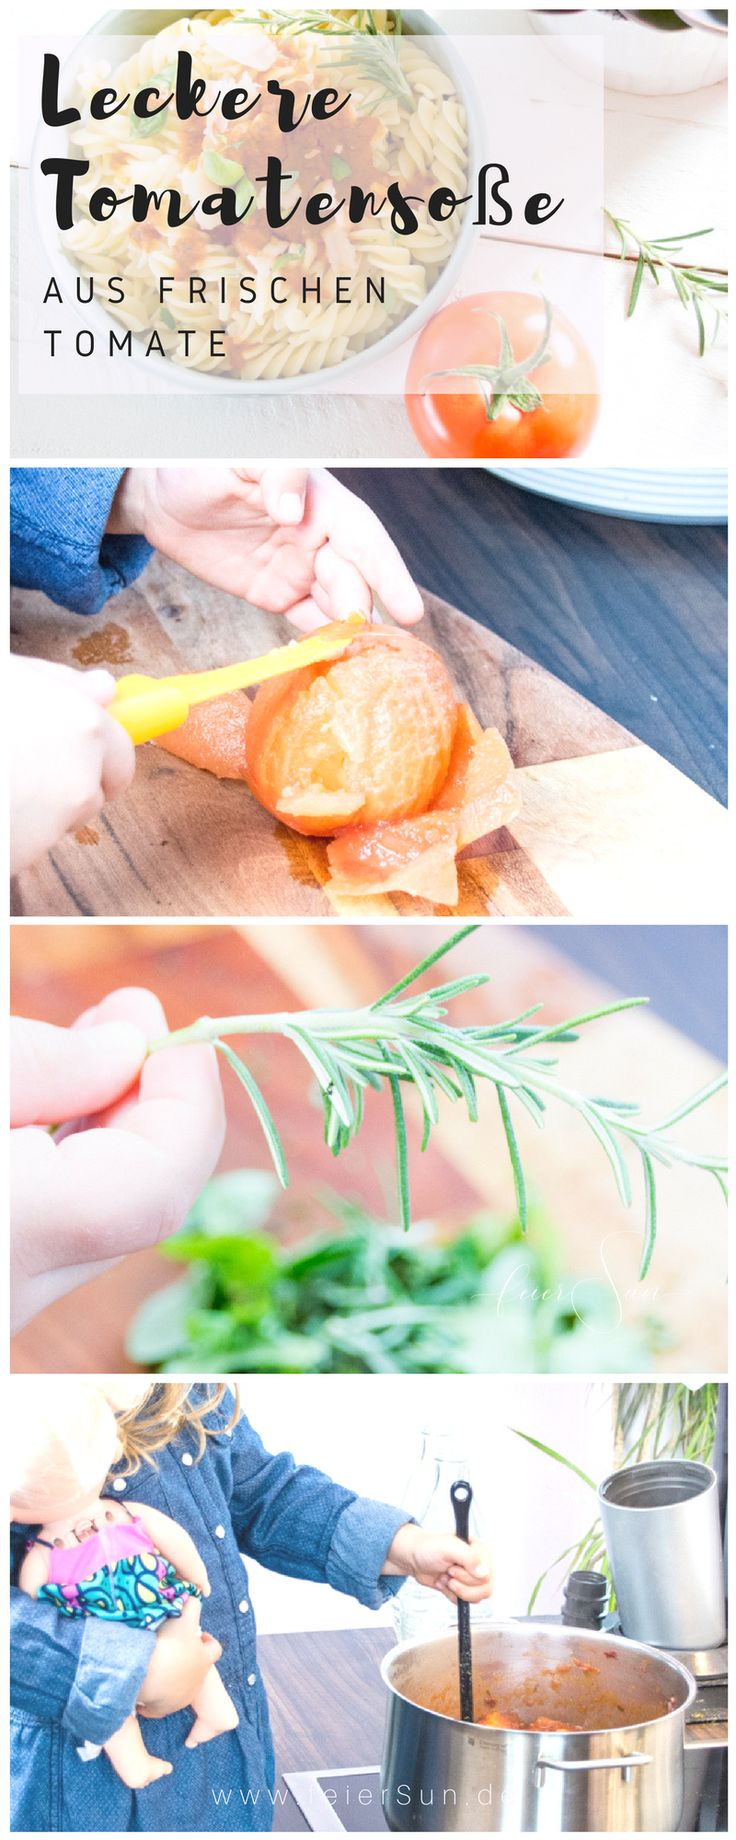 Schnelles Mittagessen: Die leckerste Tomatensauce der Welt selber und sogar haltbar machen? Ich zeige Dir wie das geht. Tomatensoße auf frischen Tomaten. Denn schnell muss nicht immer ungesund sein. // (M)ein super einfaches #Rezept auf #feierSun denn Kochen mit Kindern kann genau so viel Freude machen wie Kochen für Kinder